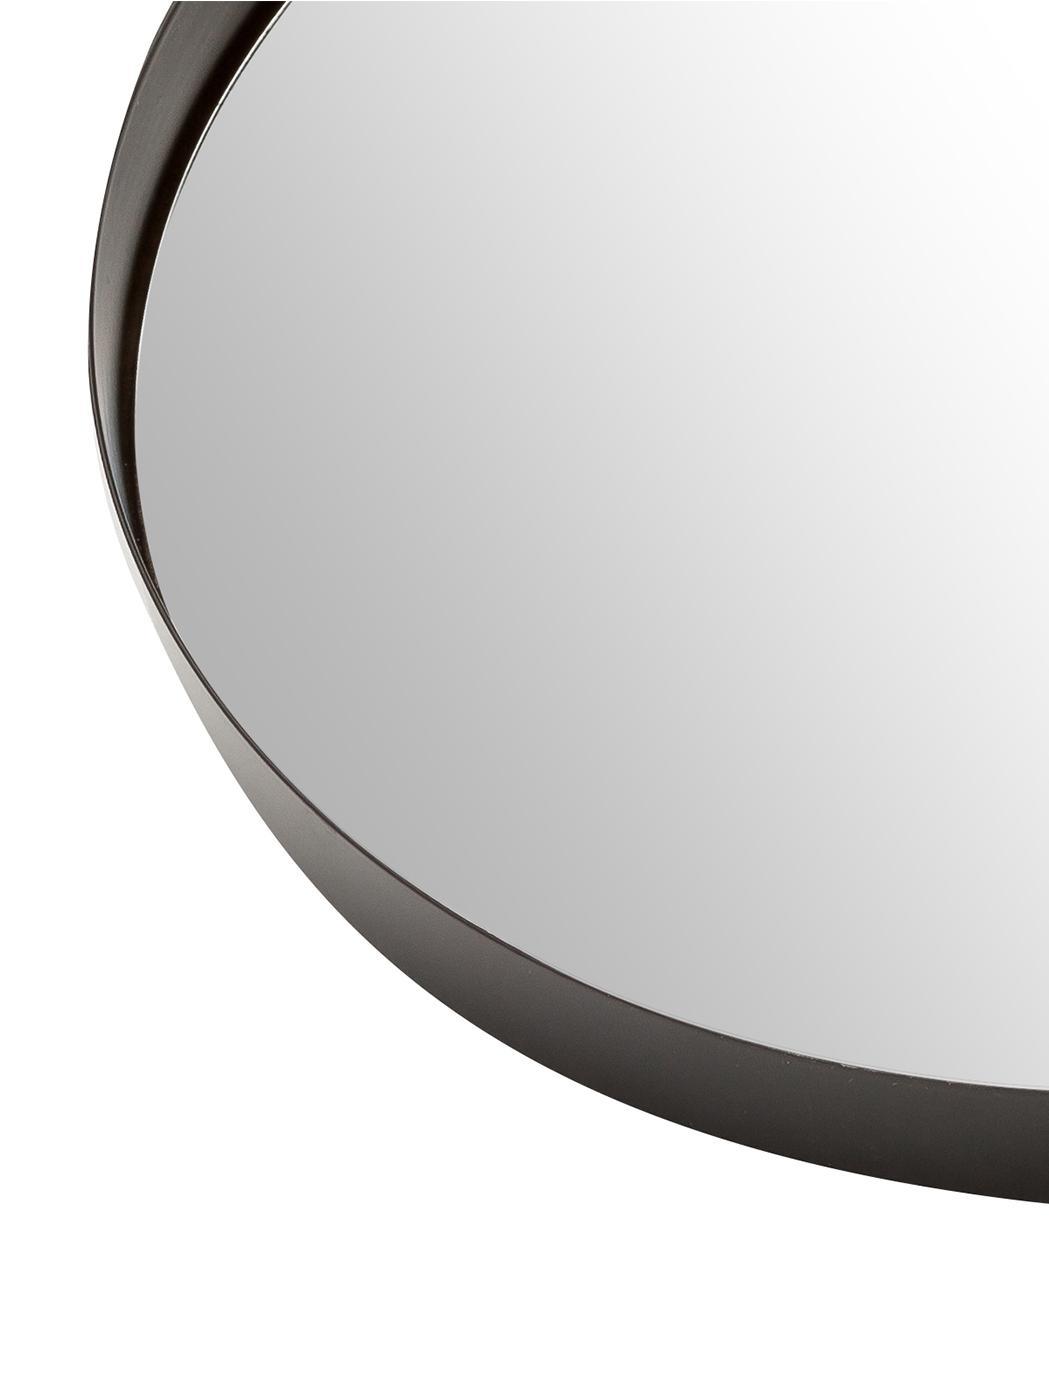 Specchio da parete con cornice Metal, Cornice: metallo verniciato con se, Cornice: nero<br>Lastra di vetro, Ø 30 cm